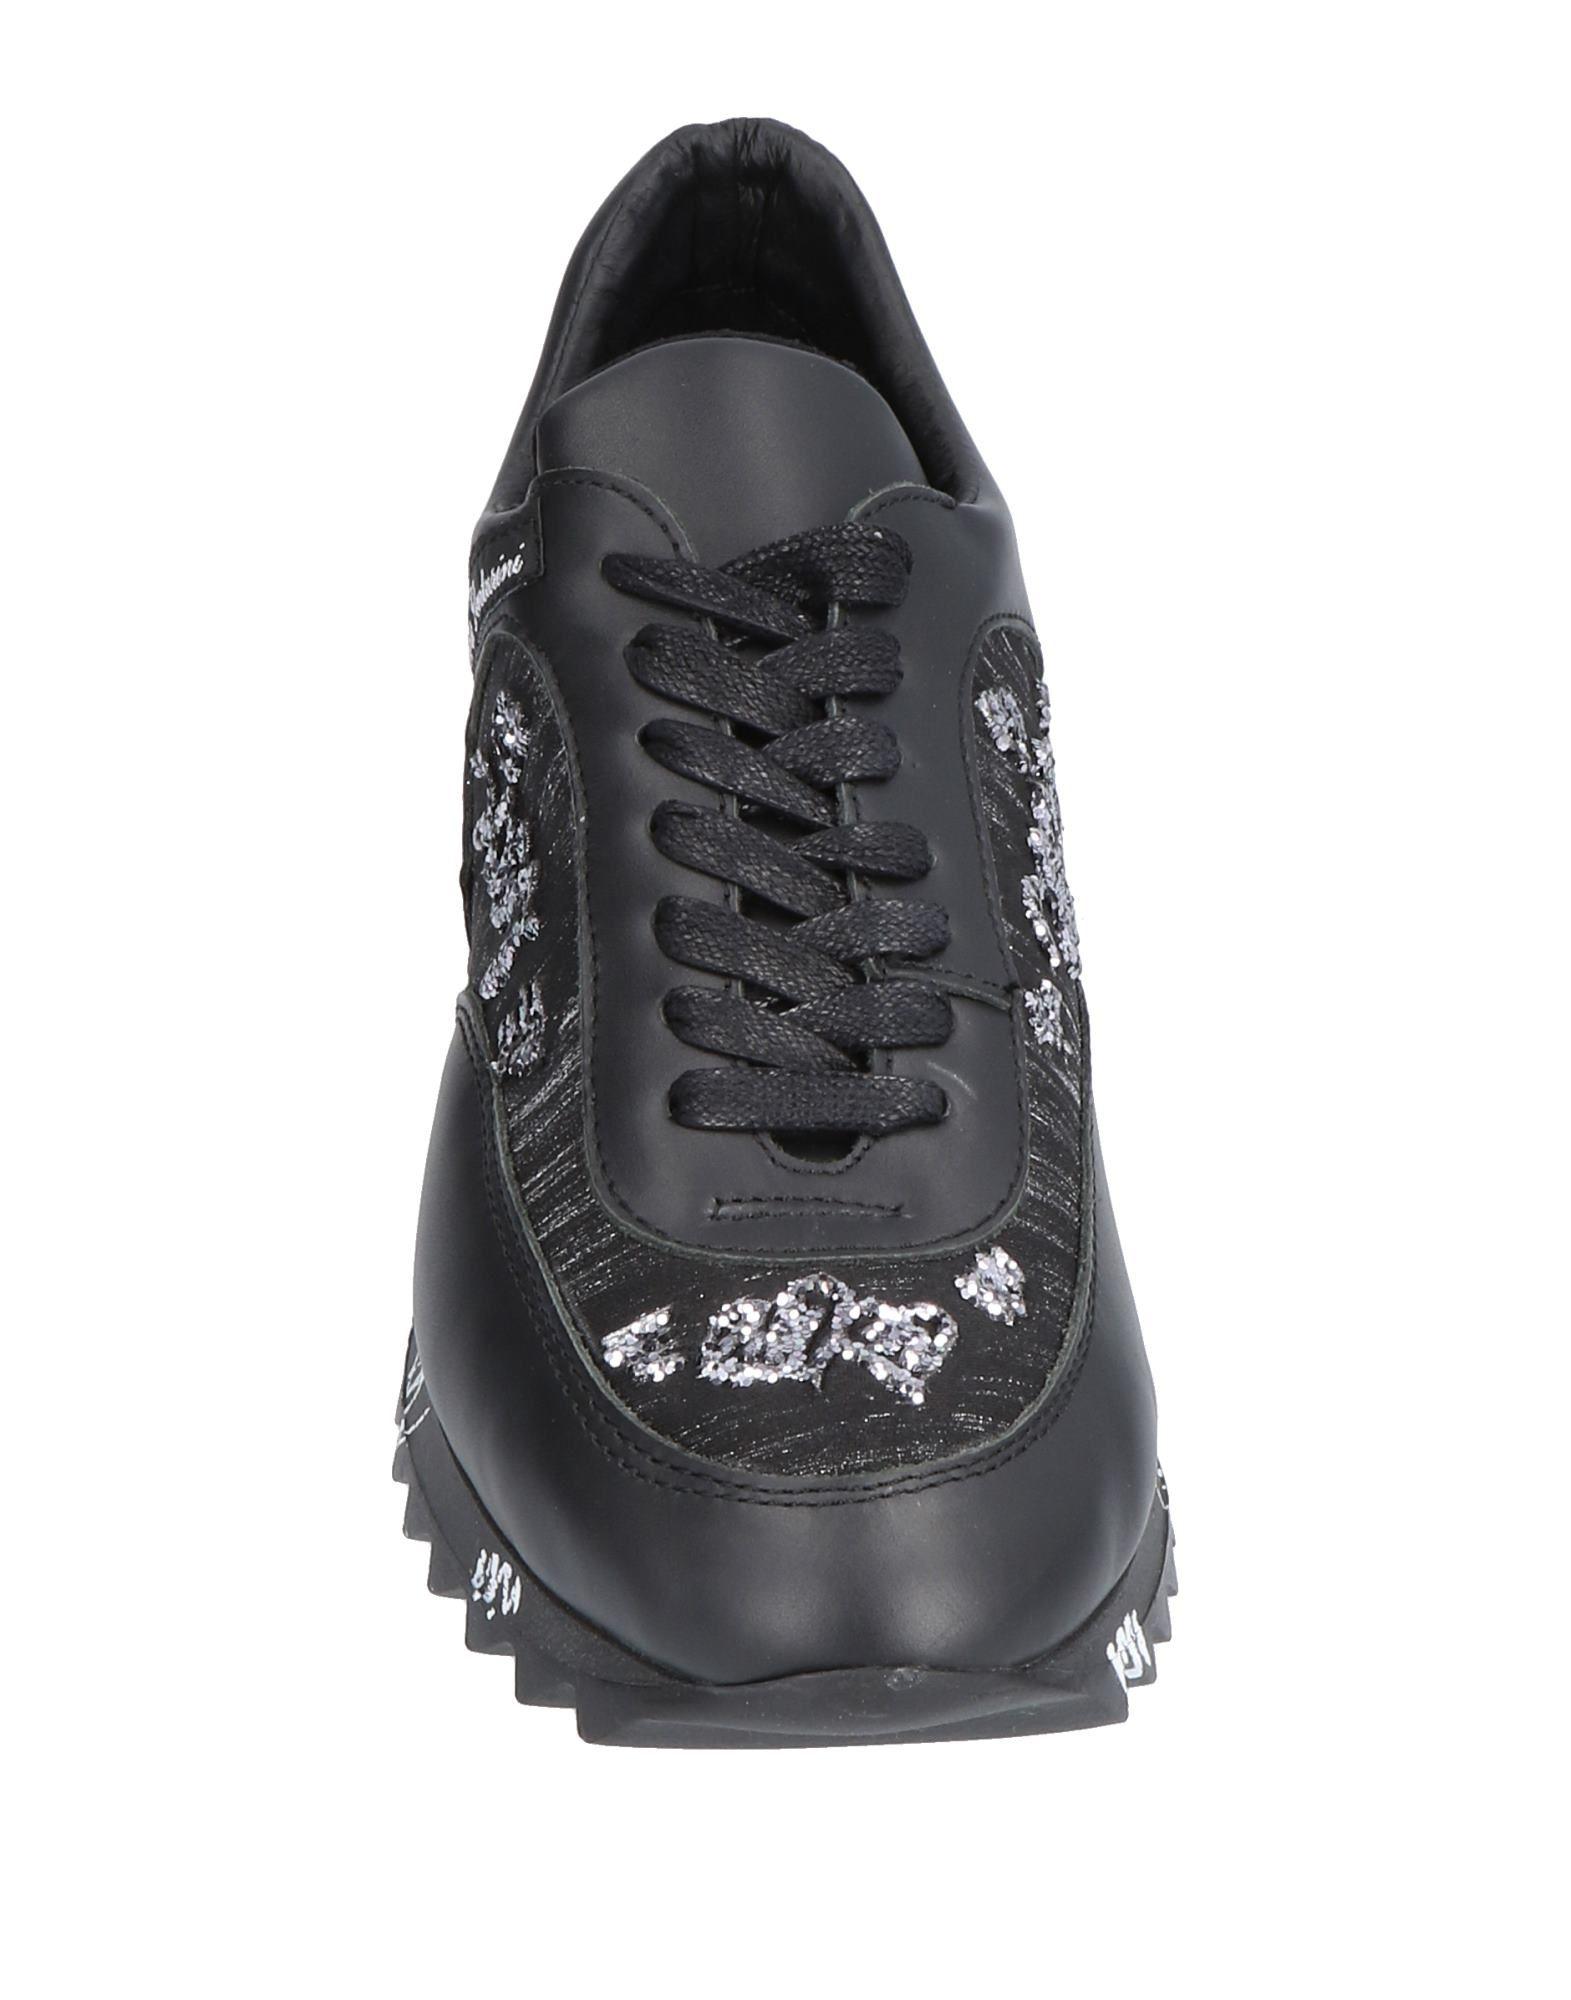 Gut Venturini um billige Schuhe zu tragenAlberto Venturini Gut Sneakers Damen  11481723NU 1943f3